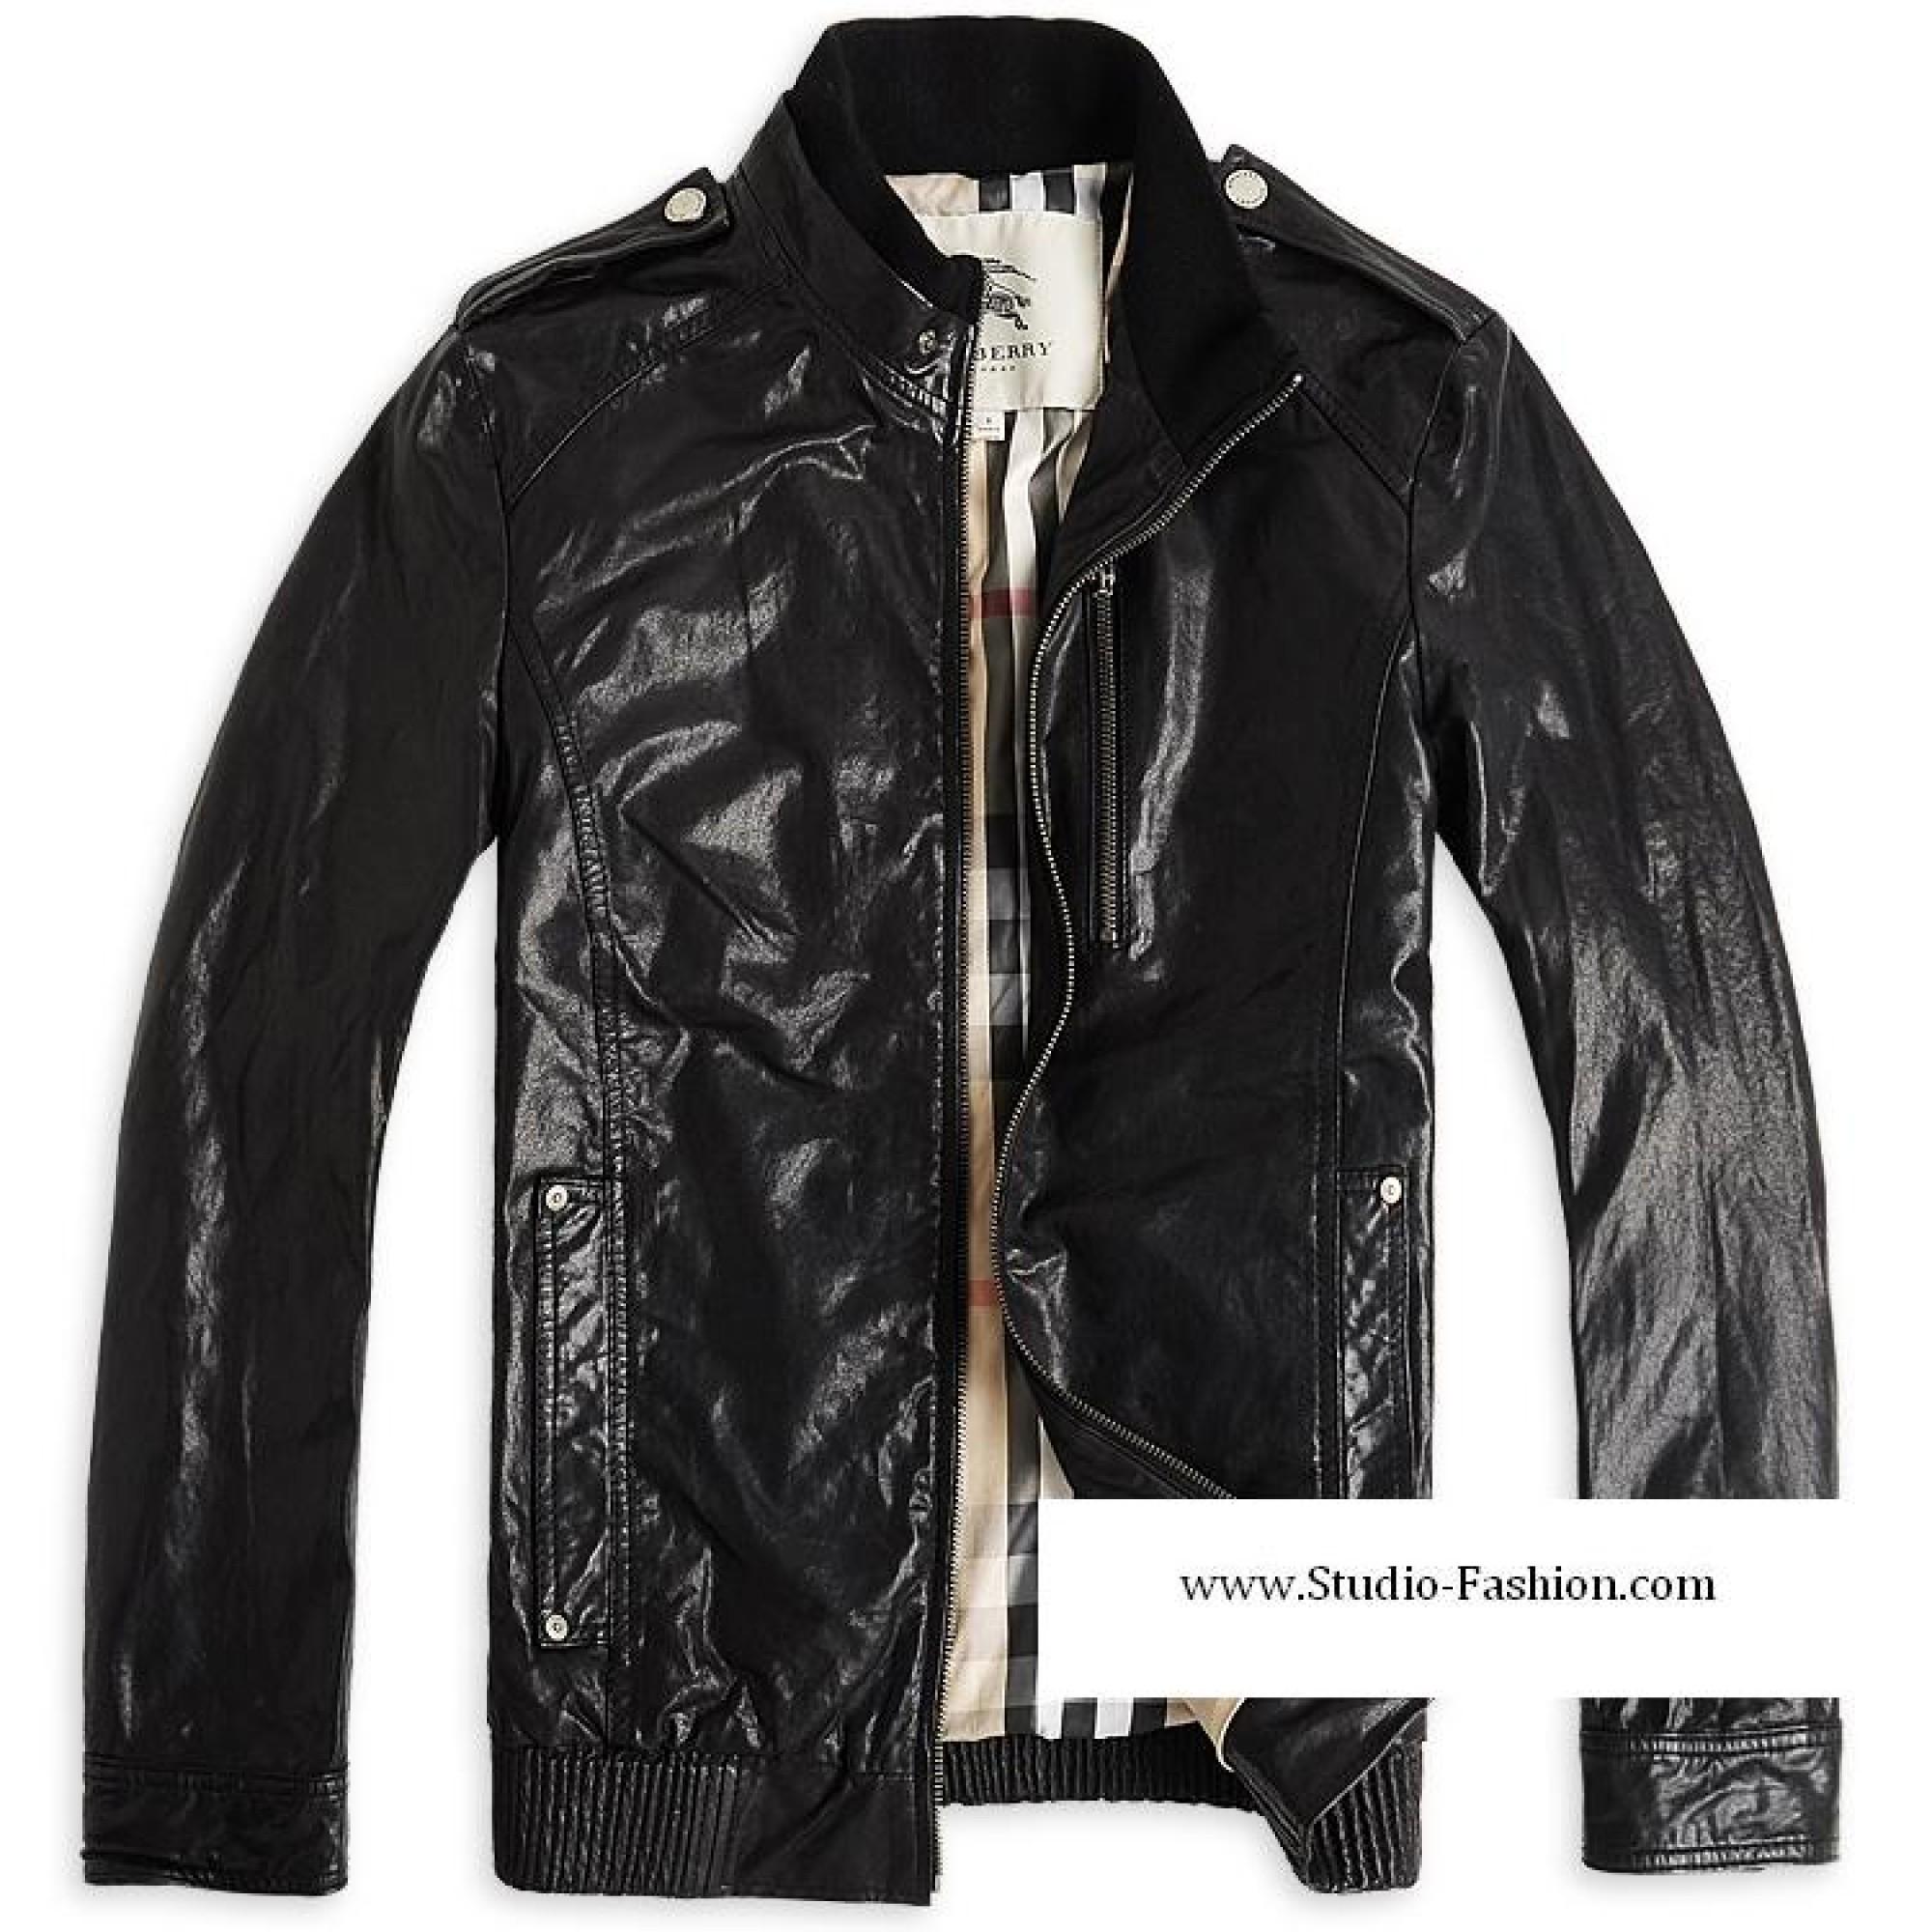 Купить мужская кожаная куртка burberry — в Киеве, код товара 1321 dcce47fde4a